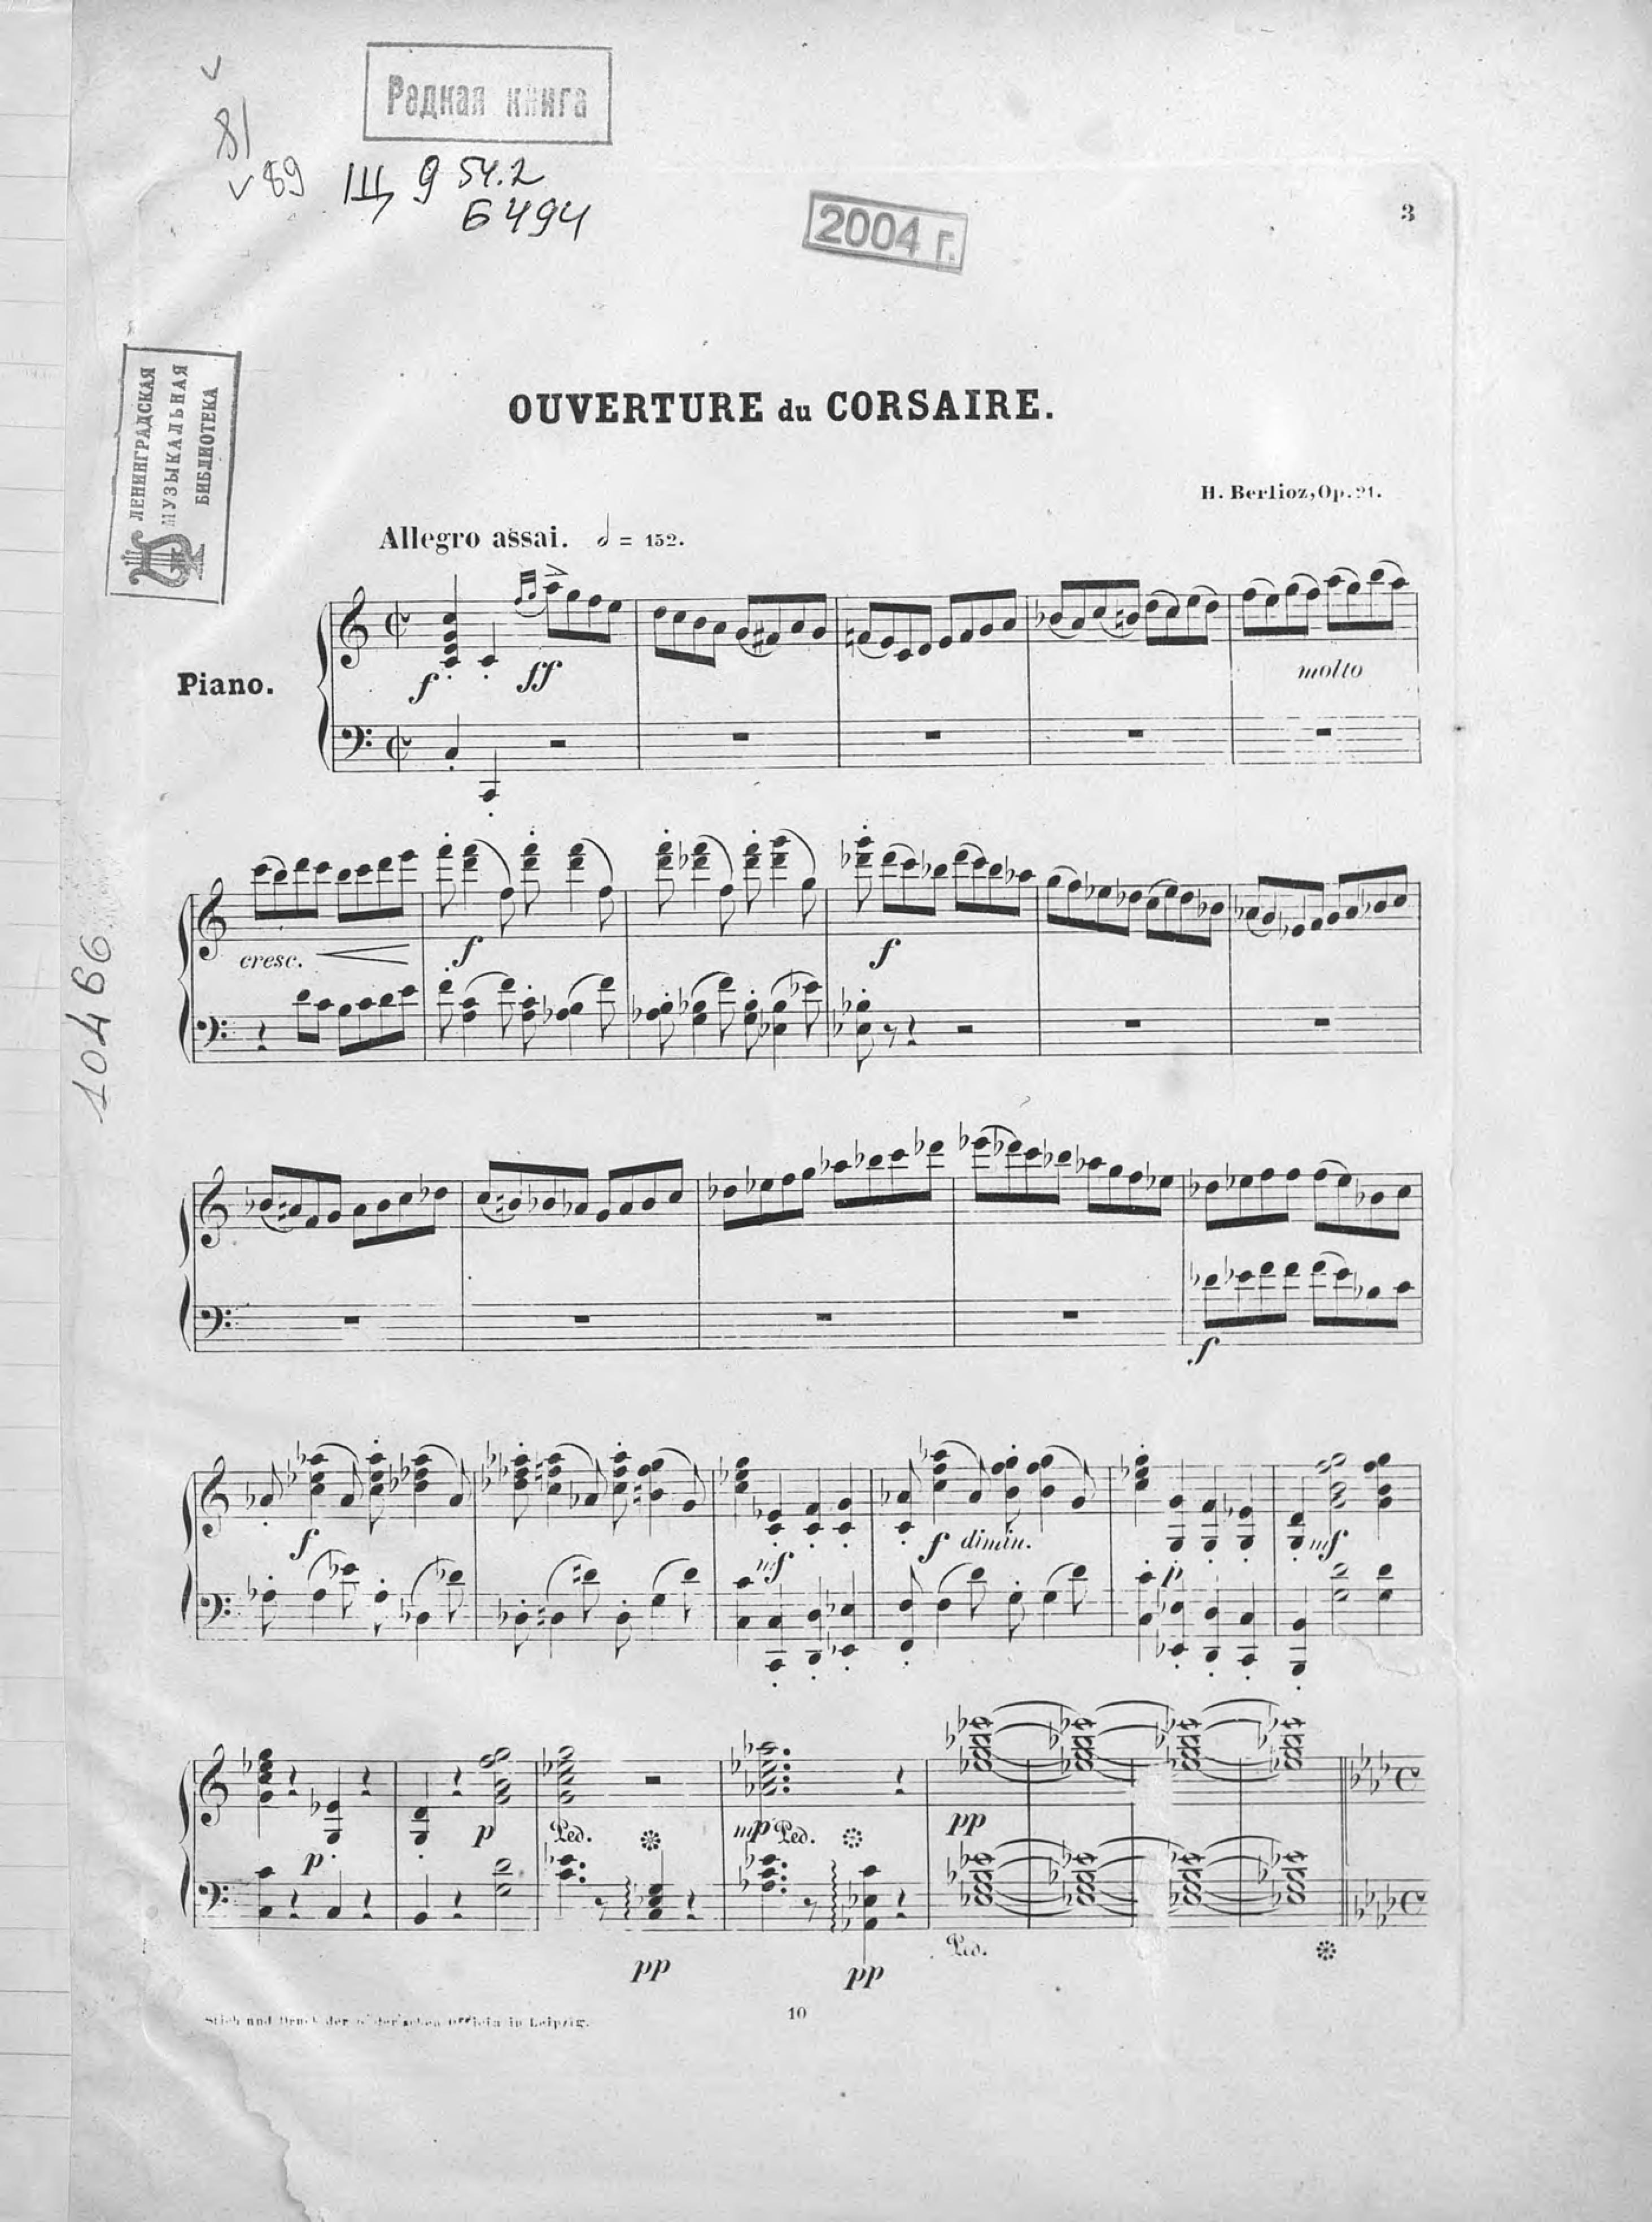 Гектор Берлиоз Ouverture du Corsaire par Hector Berlioz w ostijn concert ouverture